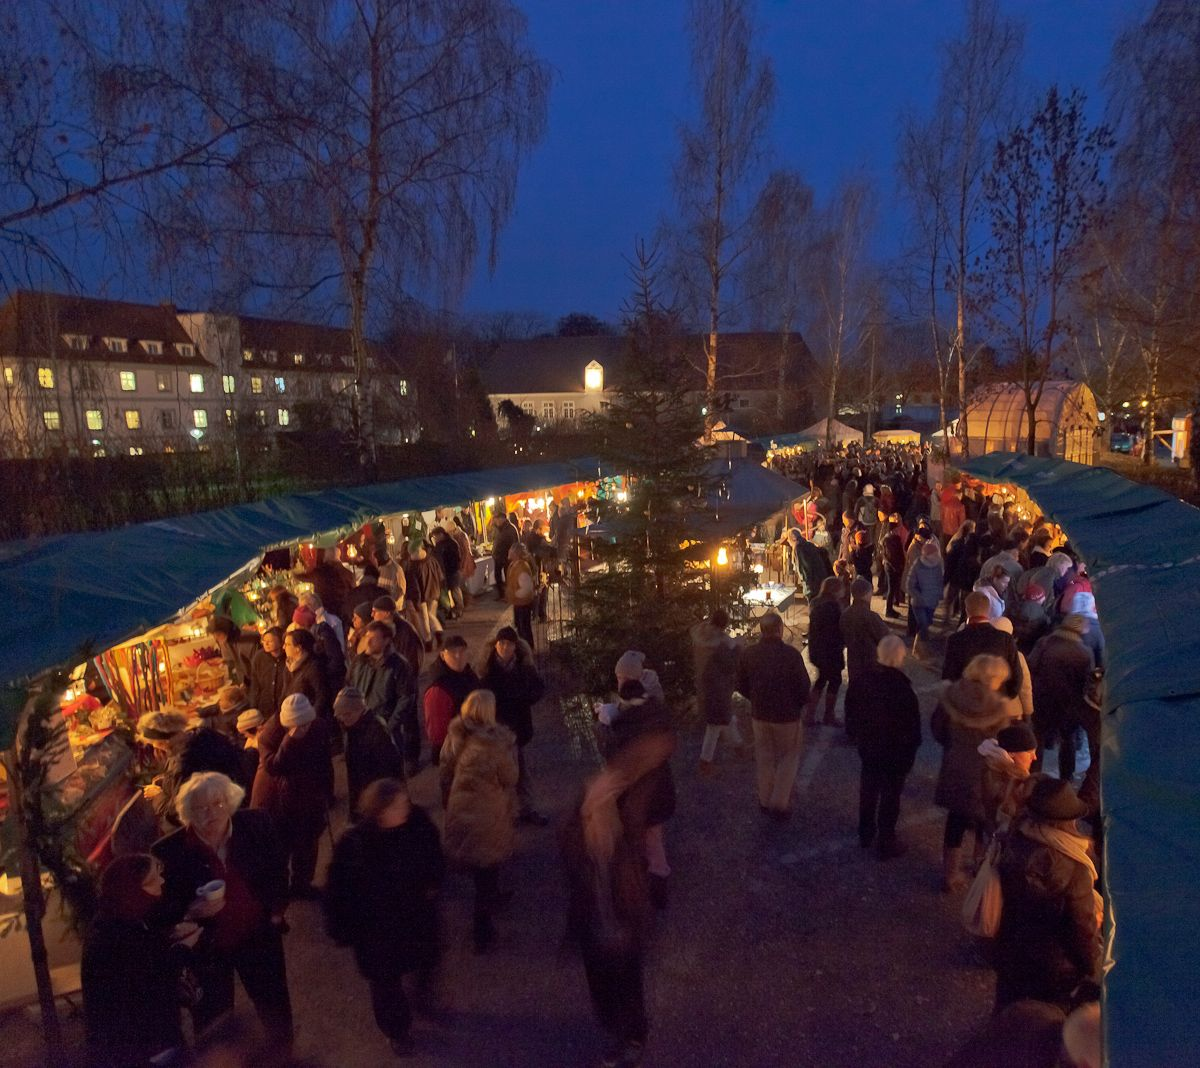 Kloster Andechs Weihnachtsmarkt.Pin Von Katrin O Connor Auf Bavaria Christkindlesmarkt